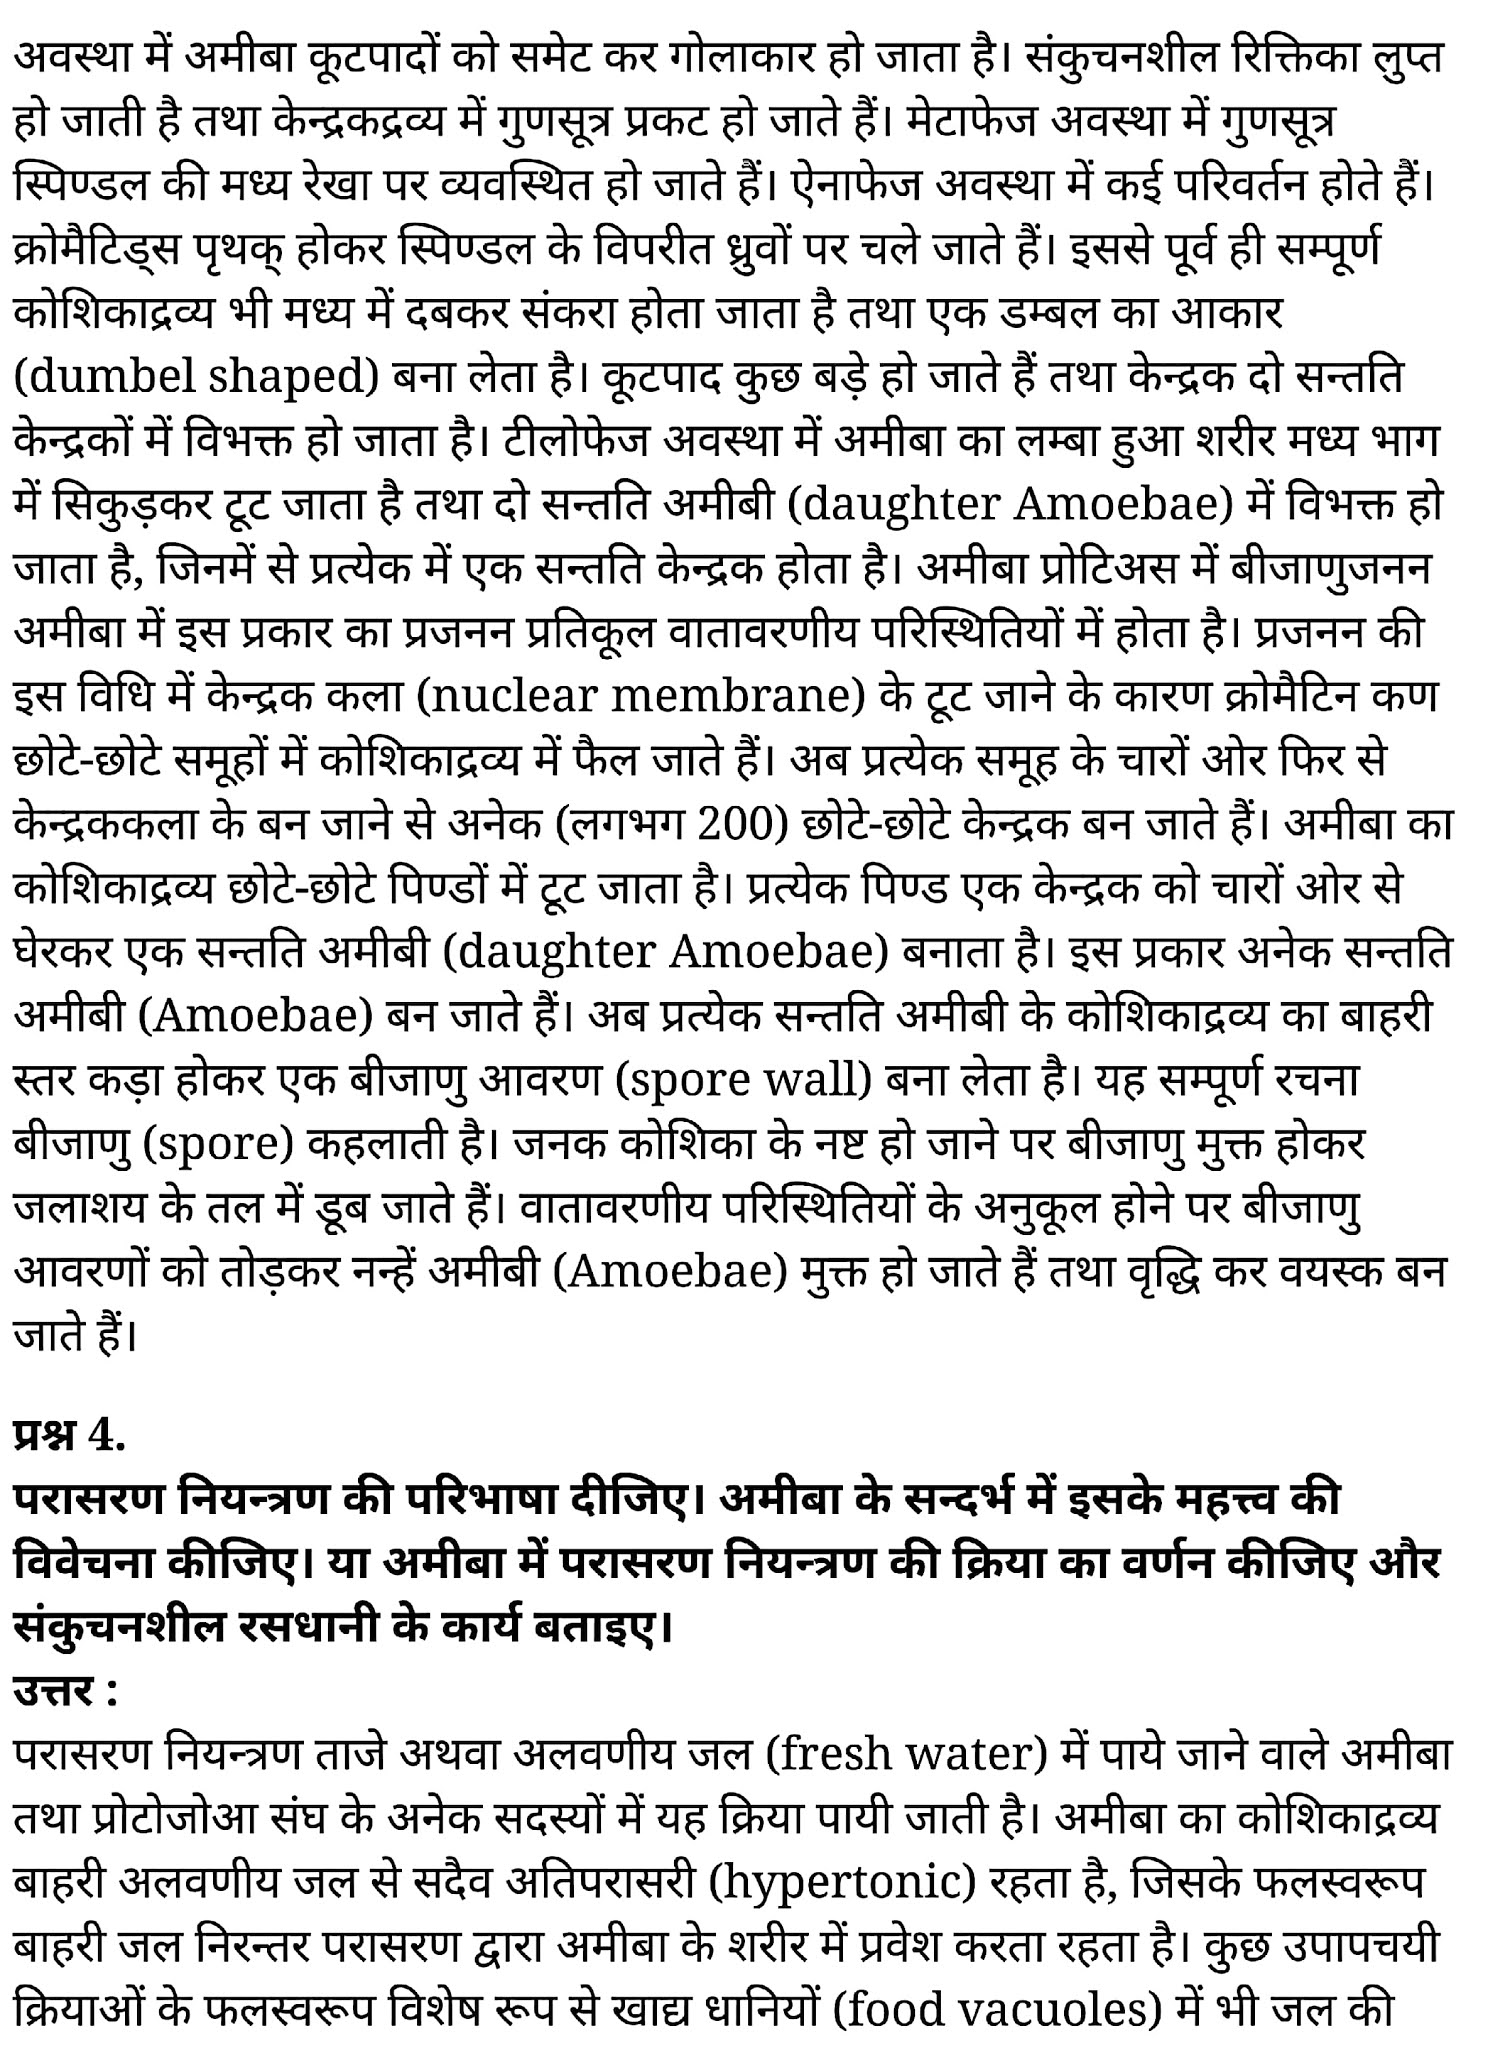 कक्षा 11 जीव विज्ञान अध्याय 2 के नोट्स हिंदी में एनसीईआरटी समाधान